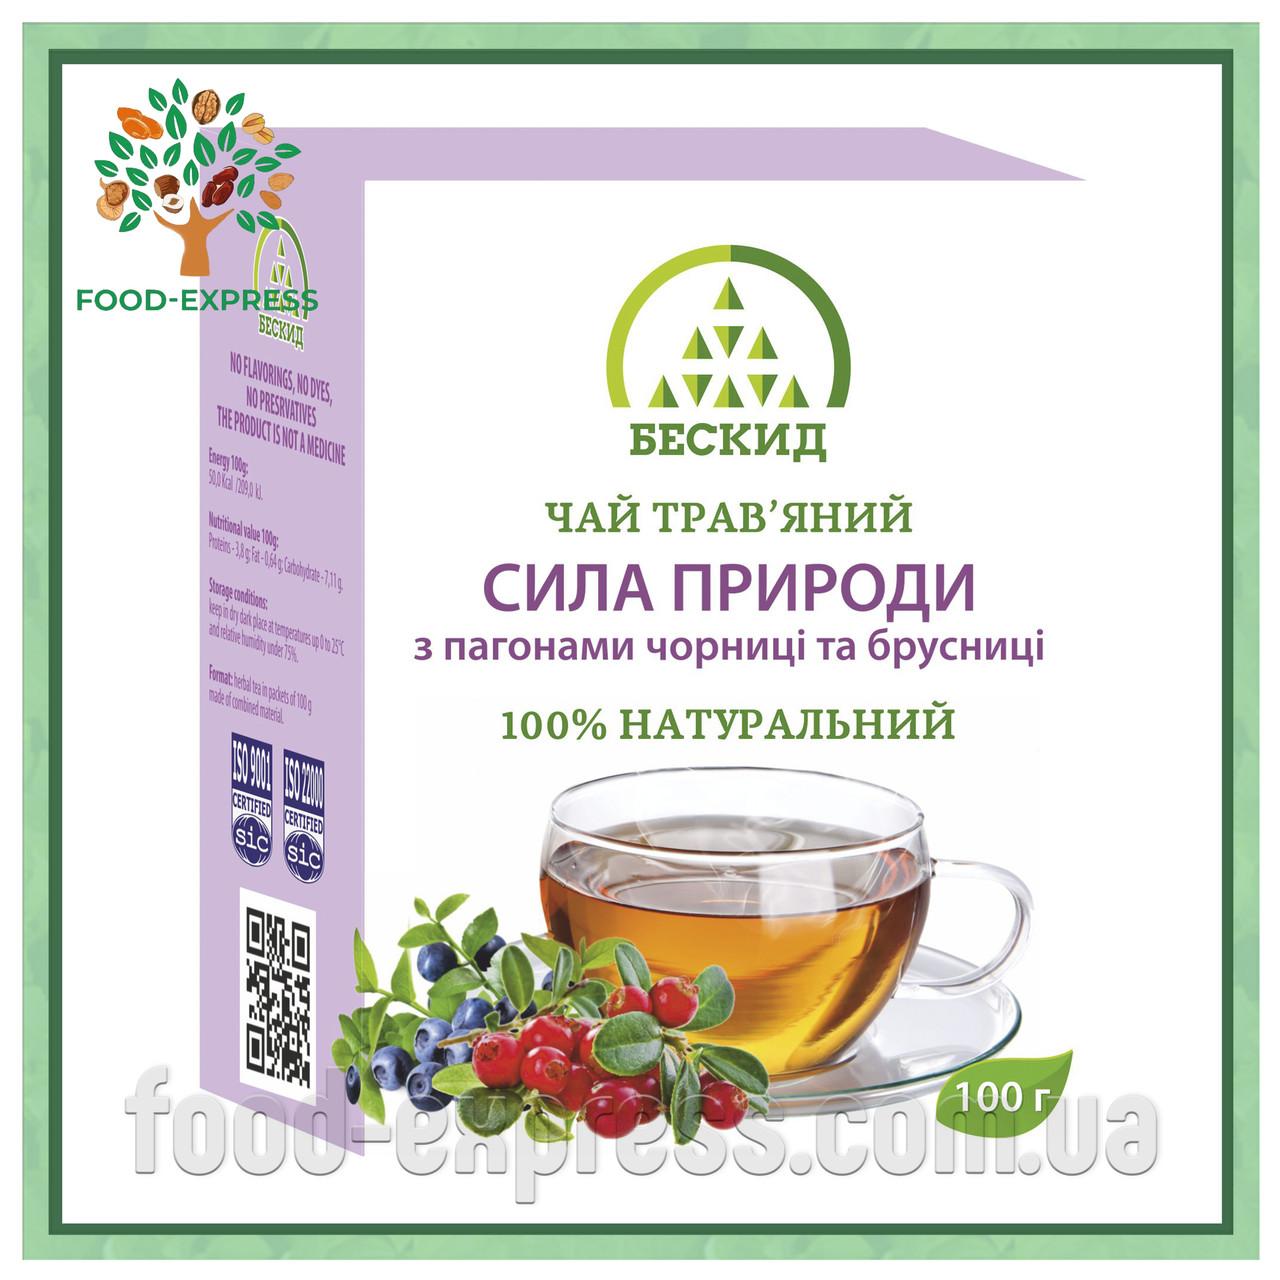 Чай трав'яний «Сила природи» з пагонами чорниці та брусниці 100г